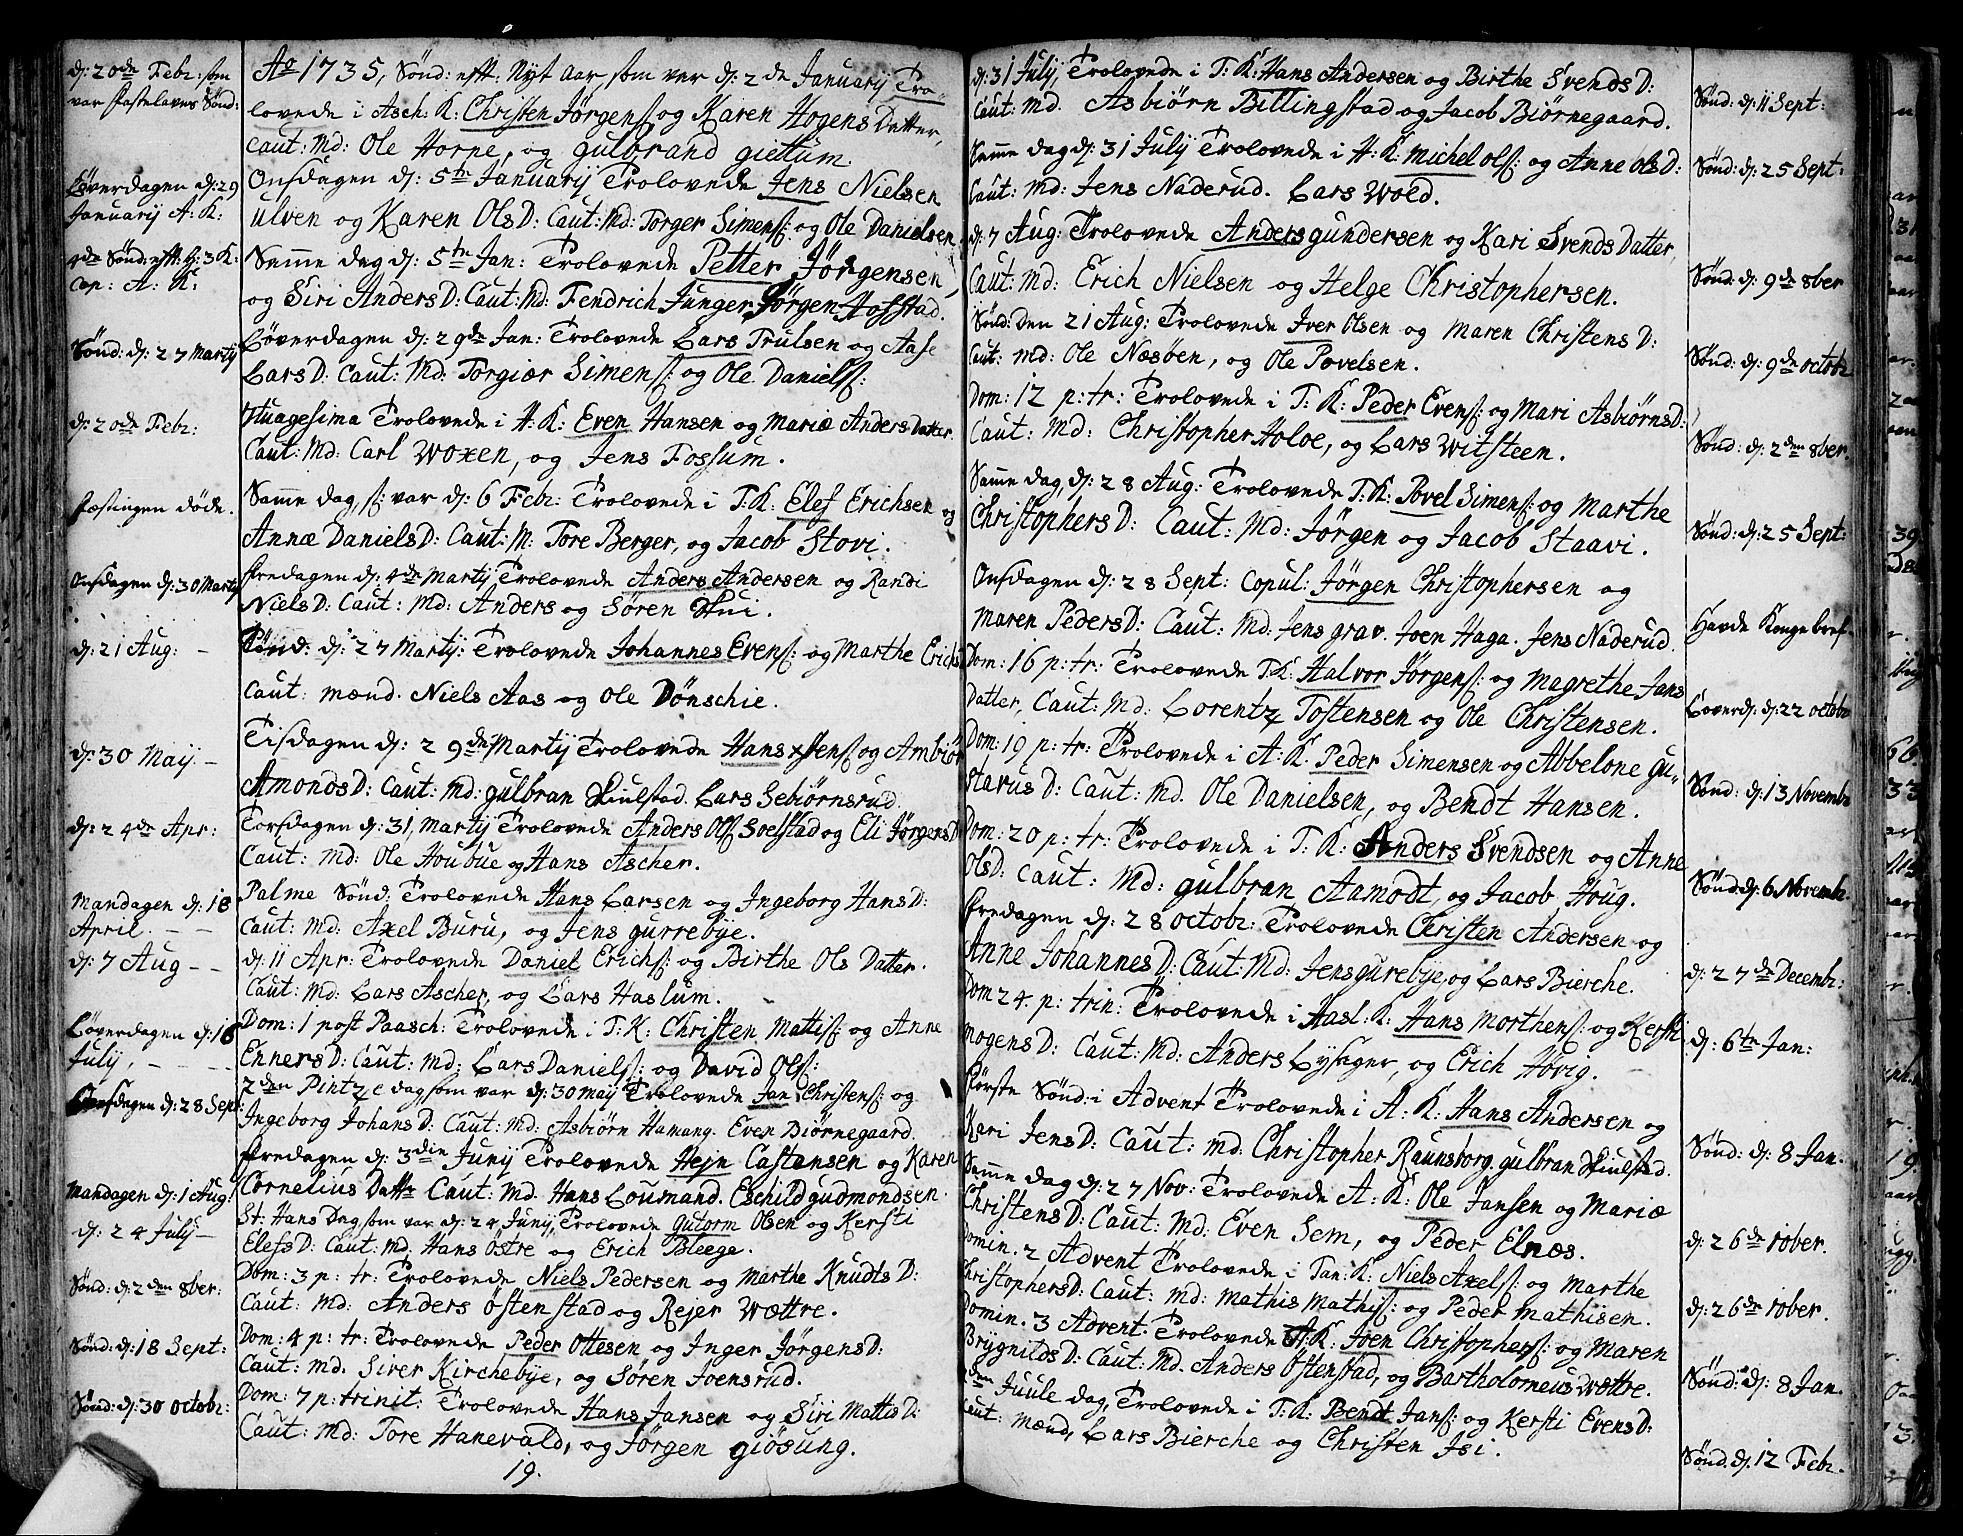 SAO, Asker prestekontor Kirkebøker, F/Fa/L0001: Ministerialbok nr. I 1, 1726-1744, s. 86